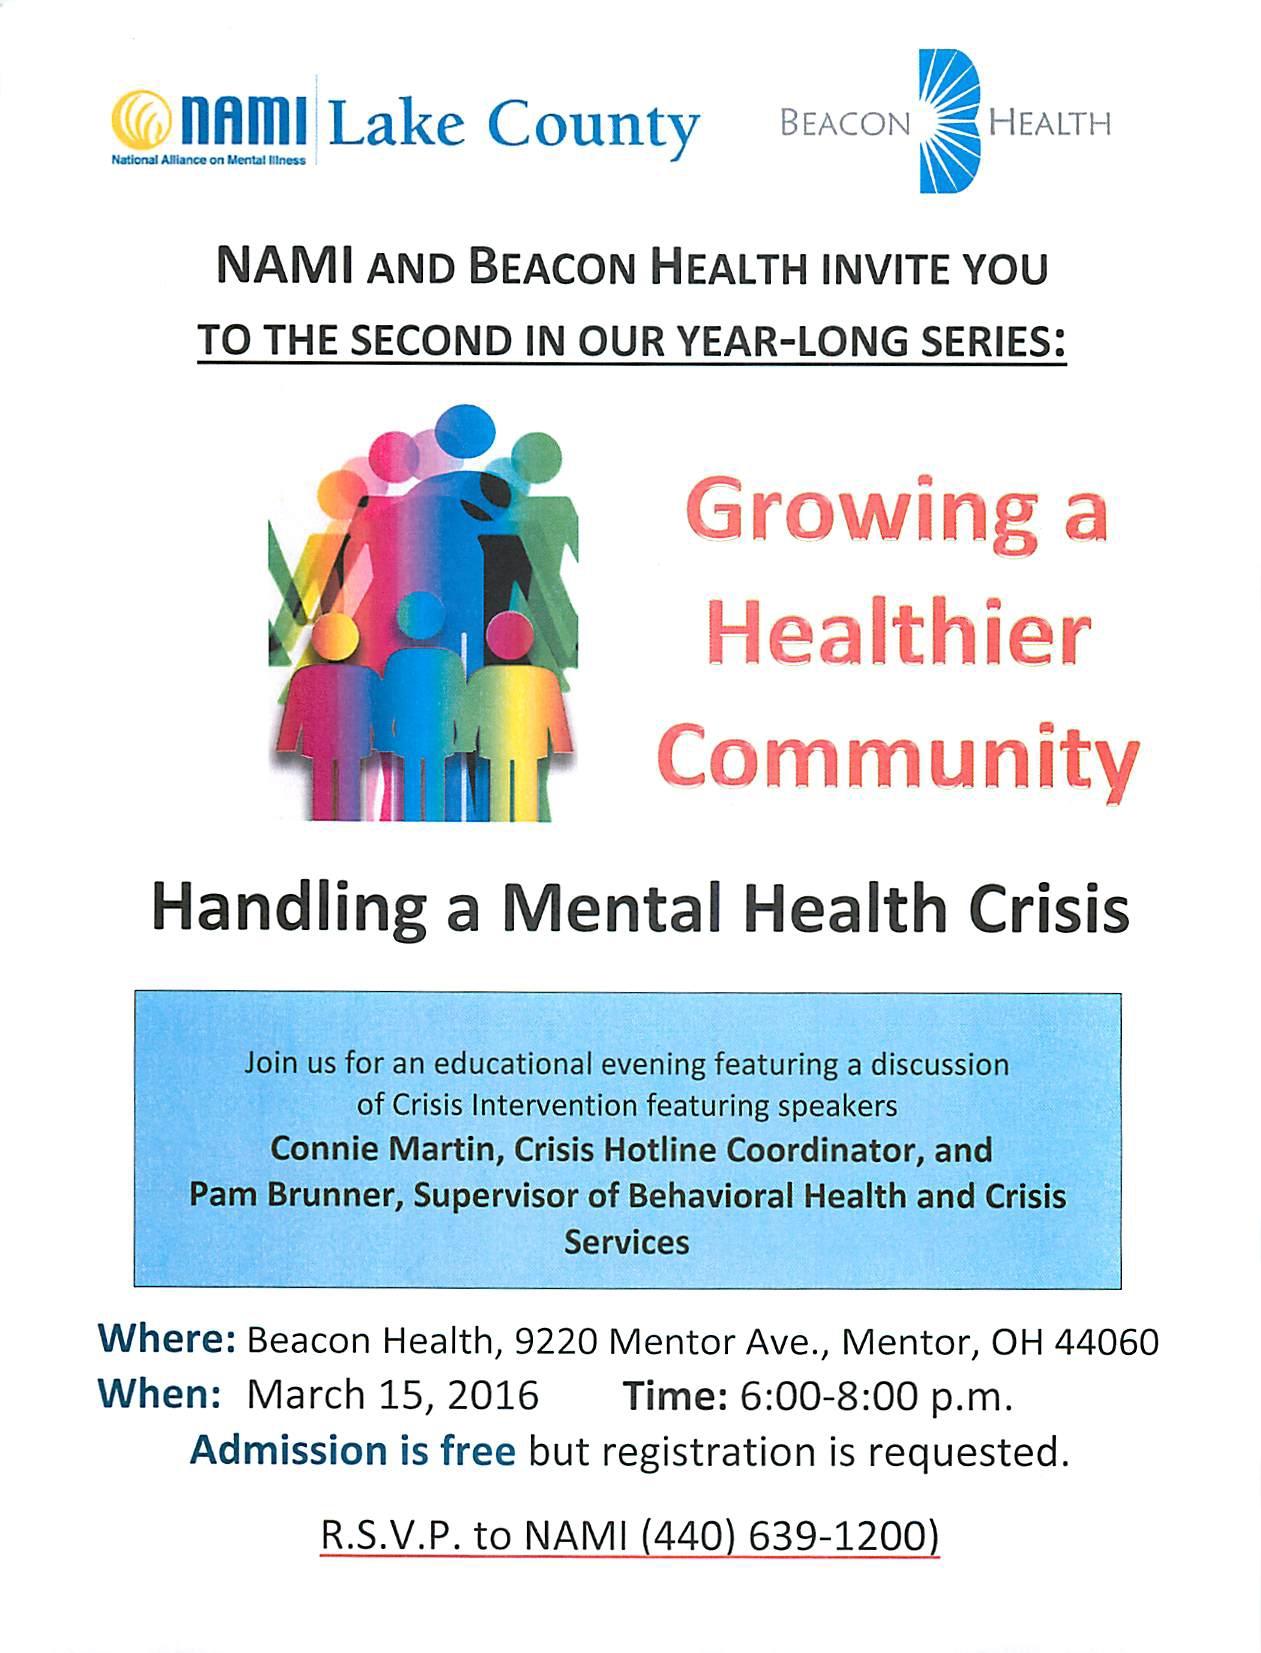 entry mental health resources that free baffebd